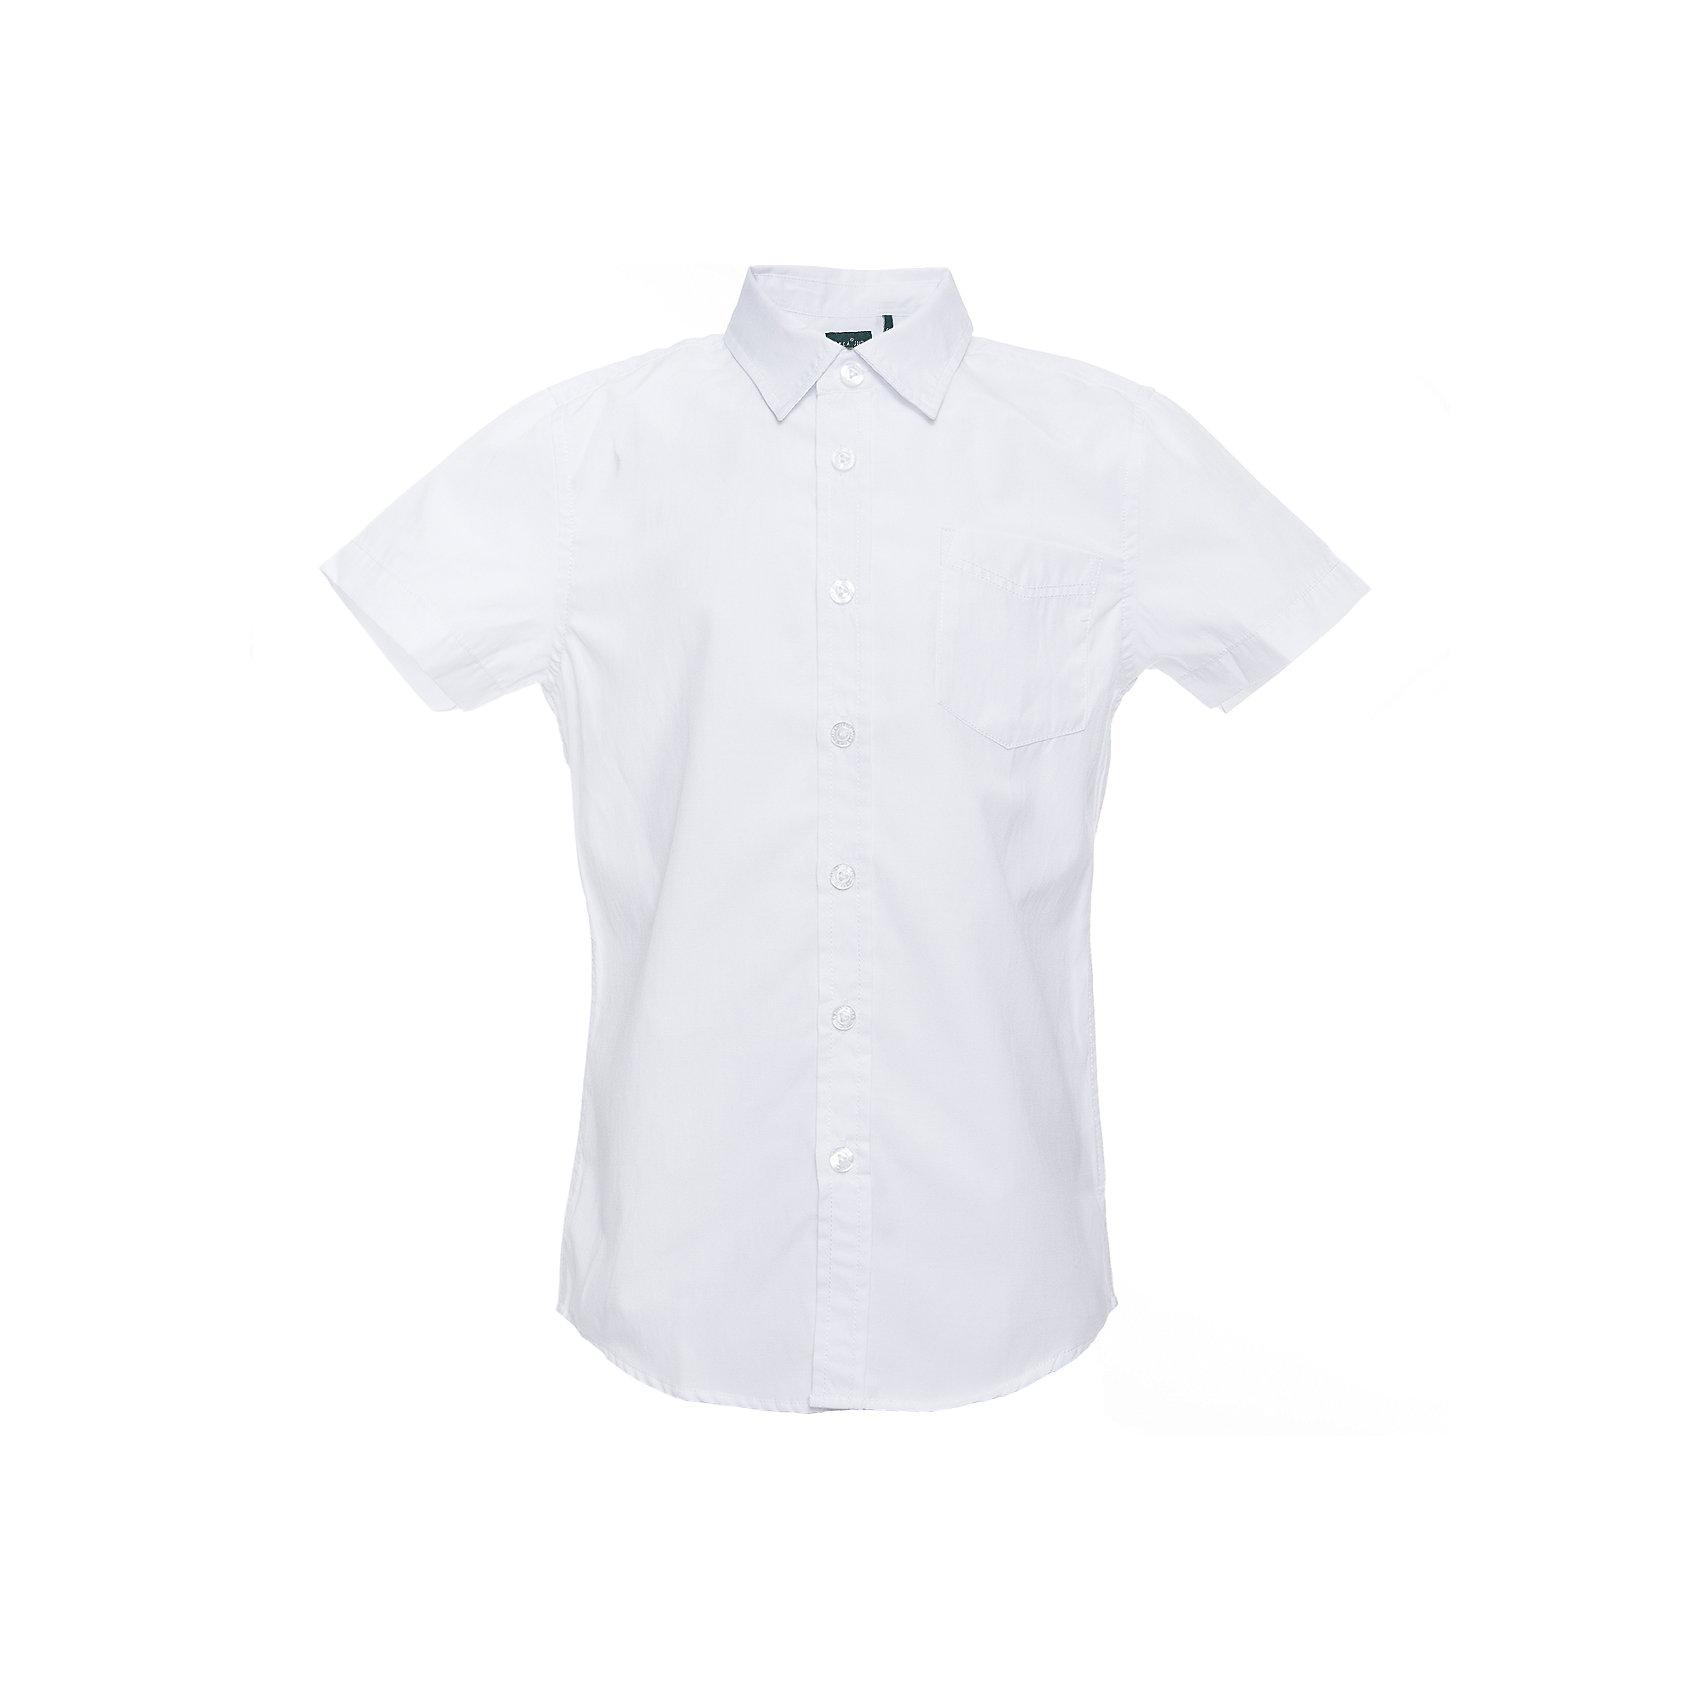 Рубашка SELA для мальчикаБлузки и рубашки<br>Характеристики товара:<br><br>• цвет: белый;<br>• состав: 60% хлопок, 40% полиэстер;<br>• сезон: круглый год;<br>• особенности: повседневная, школьная;<br>• застежка: пуговицы;<br>• с коротким рукавом;<br>• накладной нагрудный карман;<br>• страна бренда: Россия;<br>• страна изготовитель: Китай.<br><br>Школьная рубашка с коротким рукавом для мальчика. Белая рубашка застегивается на пуговицы. Есть нагрудный карман.<br><br>Рубашка Sela (Села) для мальчика можно купить в нашем интернет-магазине.<br><br>Ширина мм: 174<br>Глубина мм: 10<br>Высота мм: 169<br>Вес г: 157<br>Цвет: белый<br>Возраст от месяцев: 120<br>Возраст до месяцев: 132<br>Пол: Мужской<br>Возраст: Детский<br>Размер: 146,152,122,128,134,140<br>SKU: 7009781